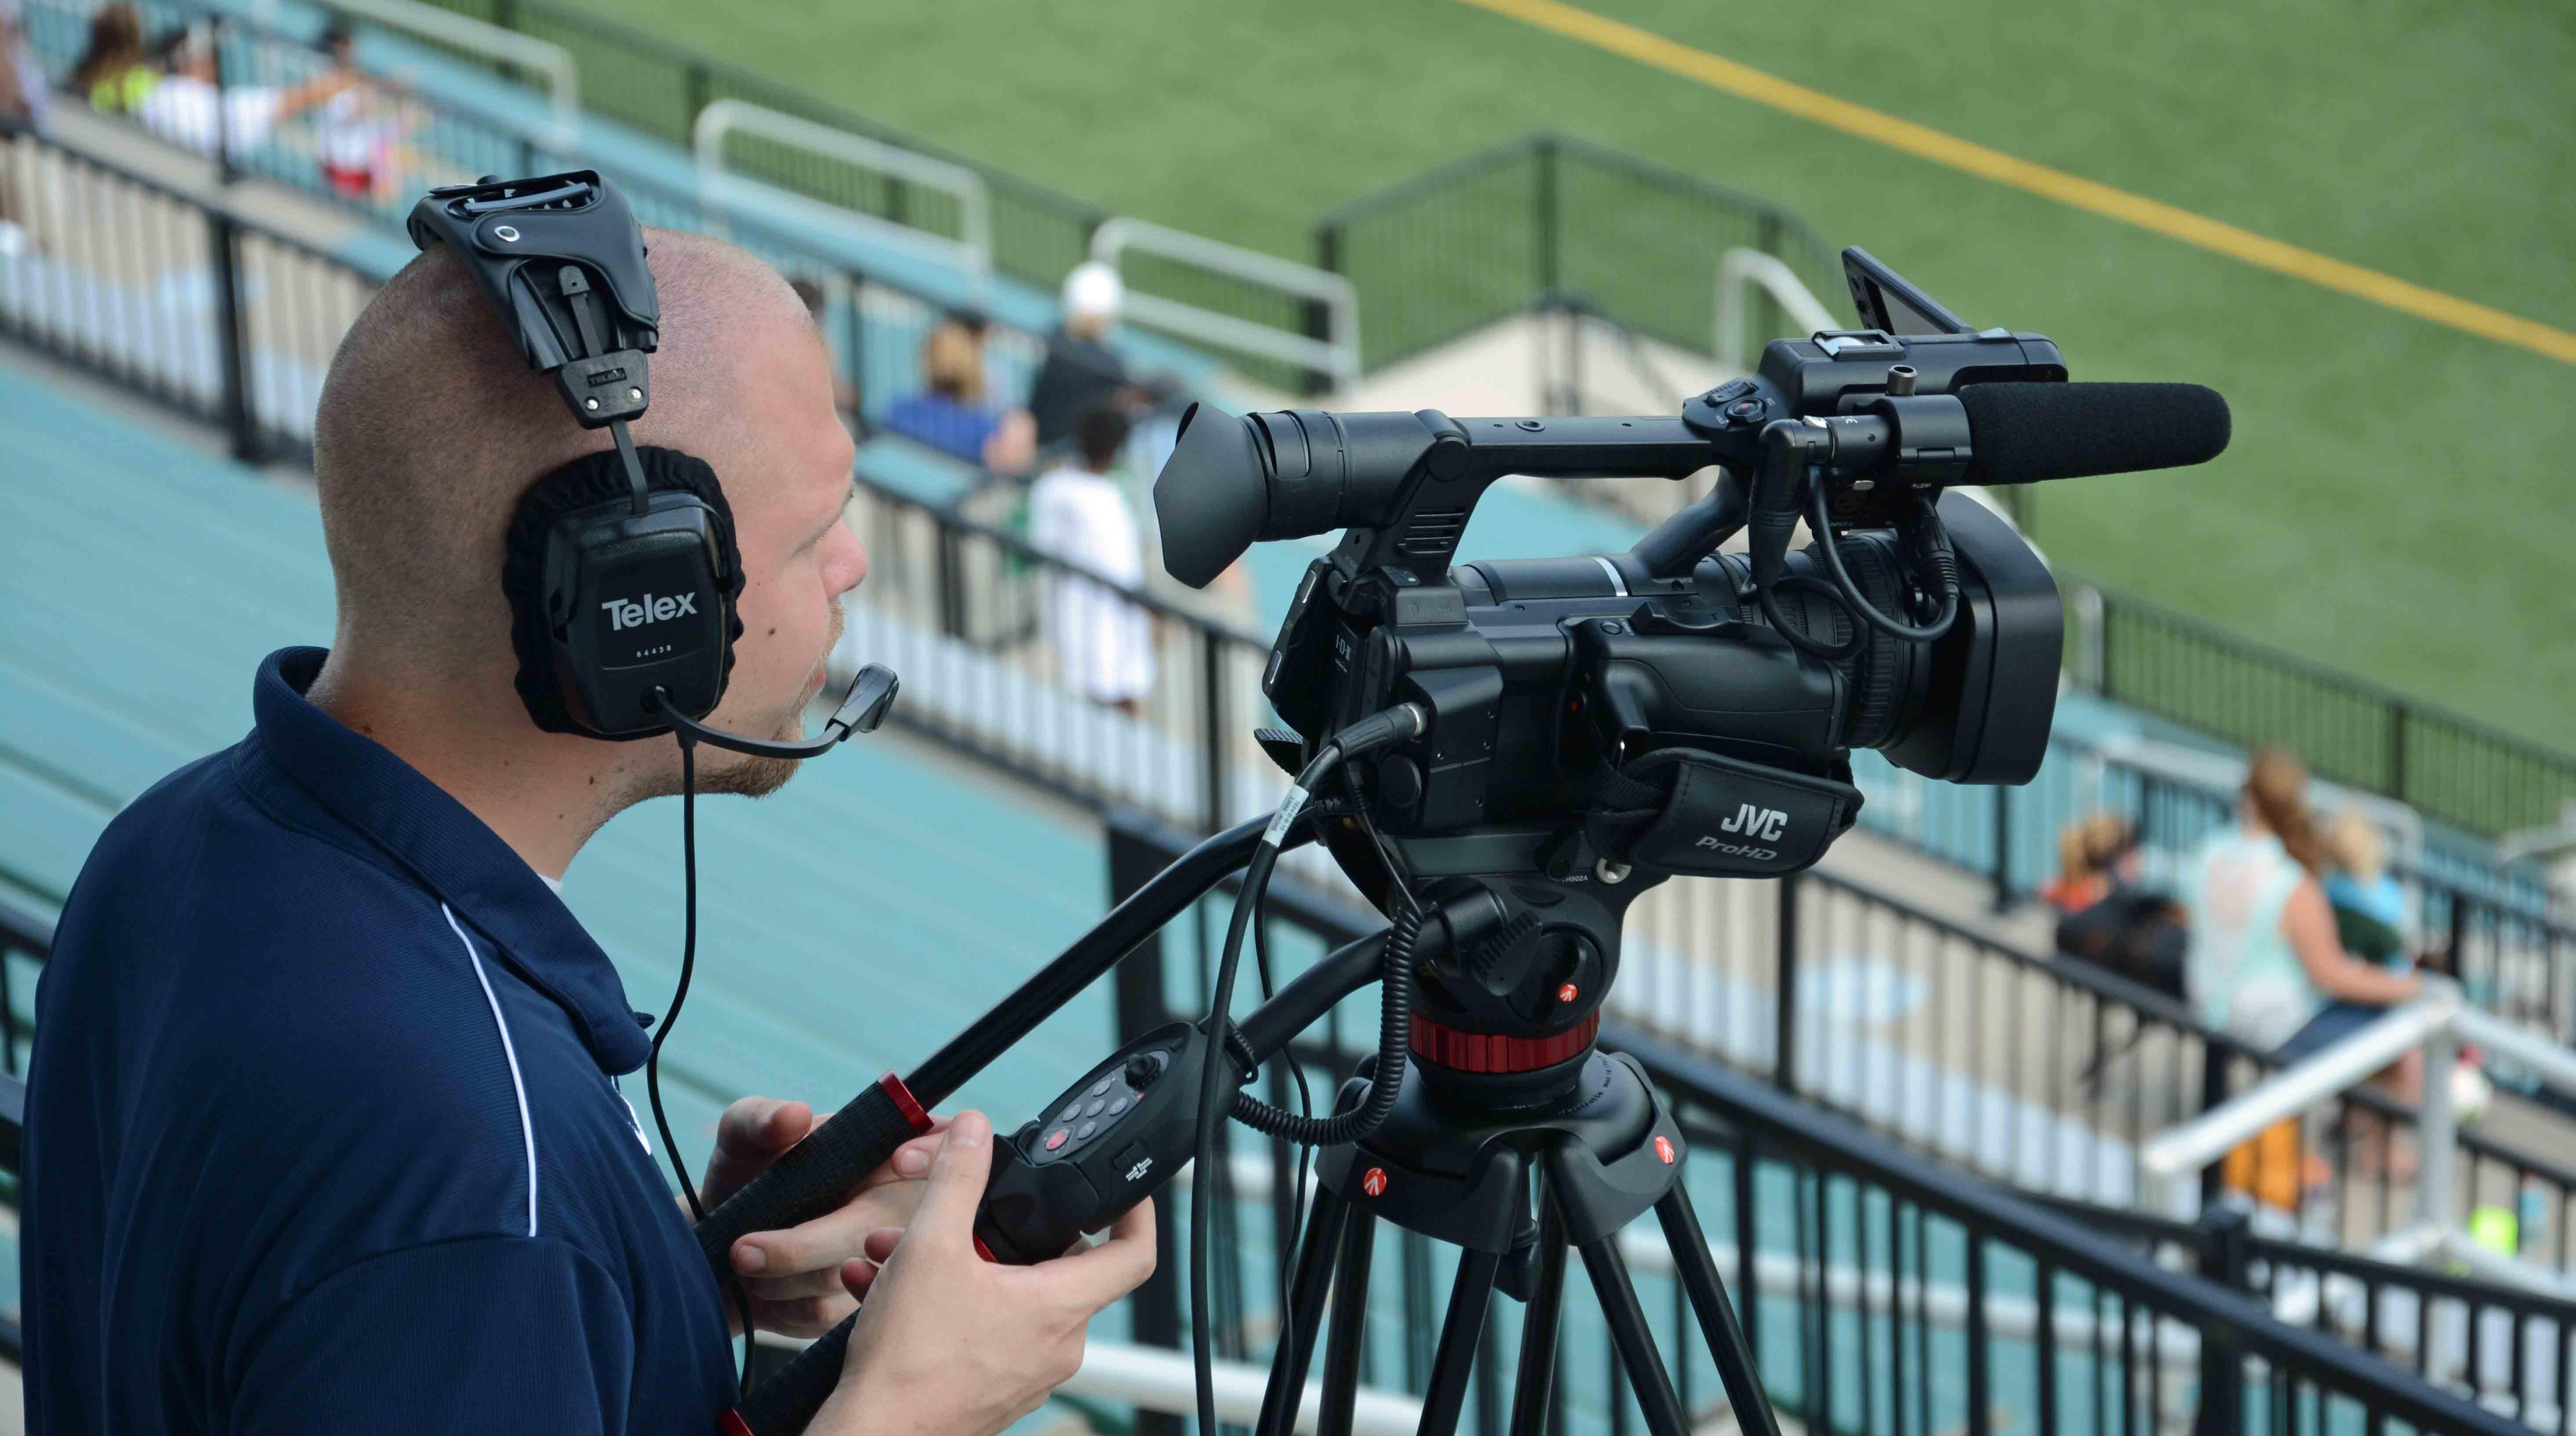 Jvc News Release Patriot League Launches Online Sports